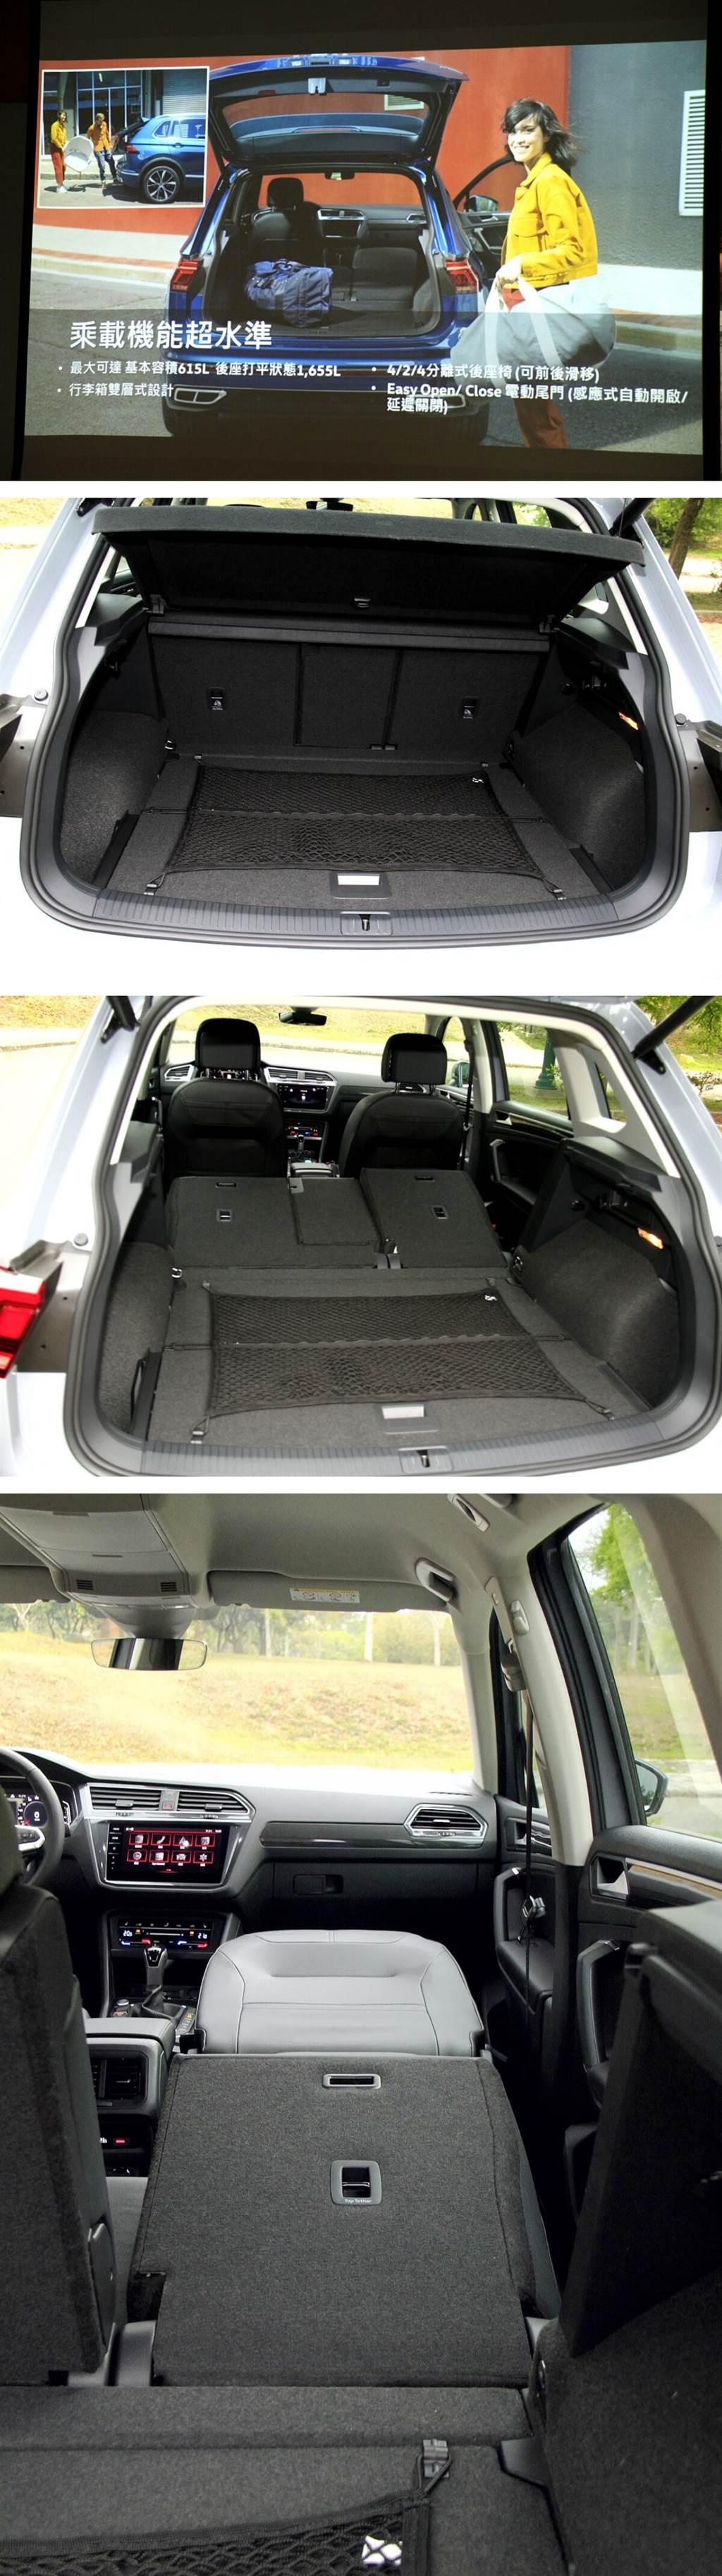 副駕駛座椅背可以全倒折疊,以方便放置像是衝浪板之類的長型物品。